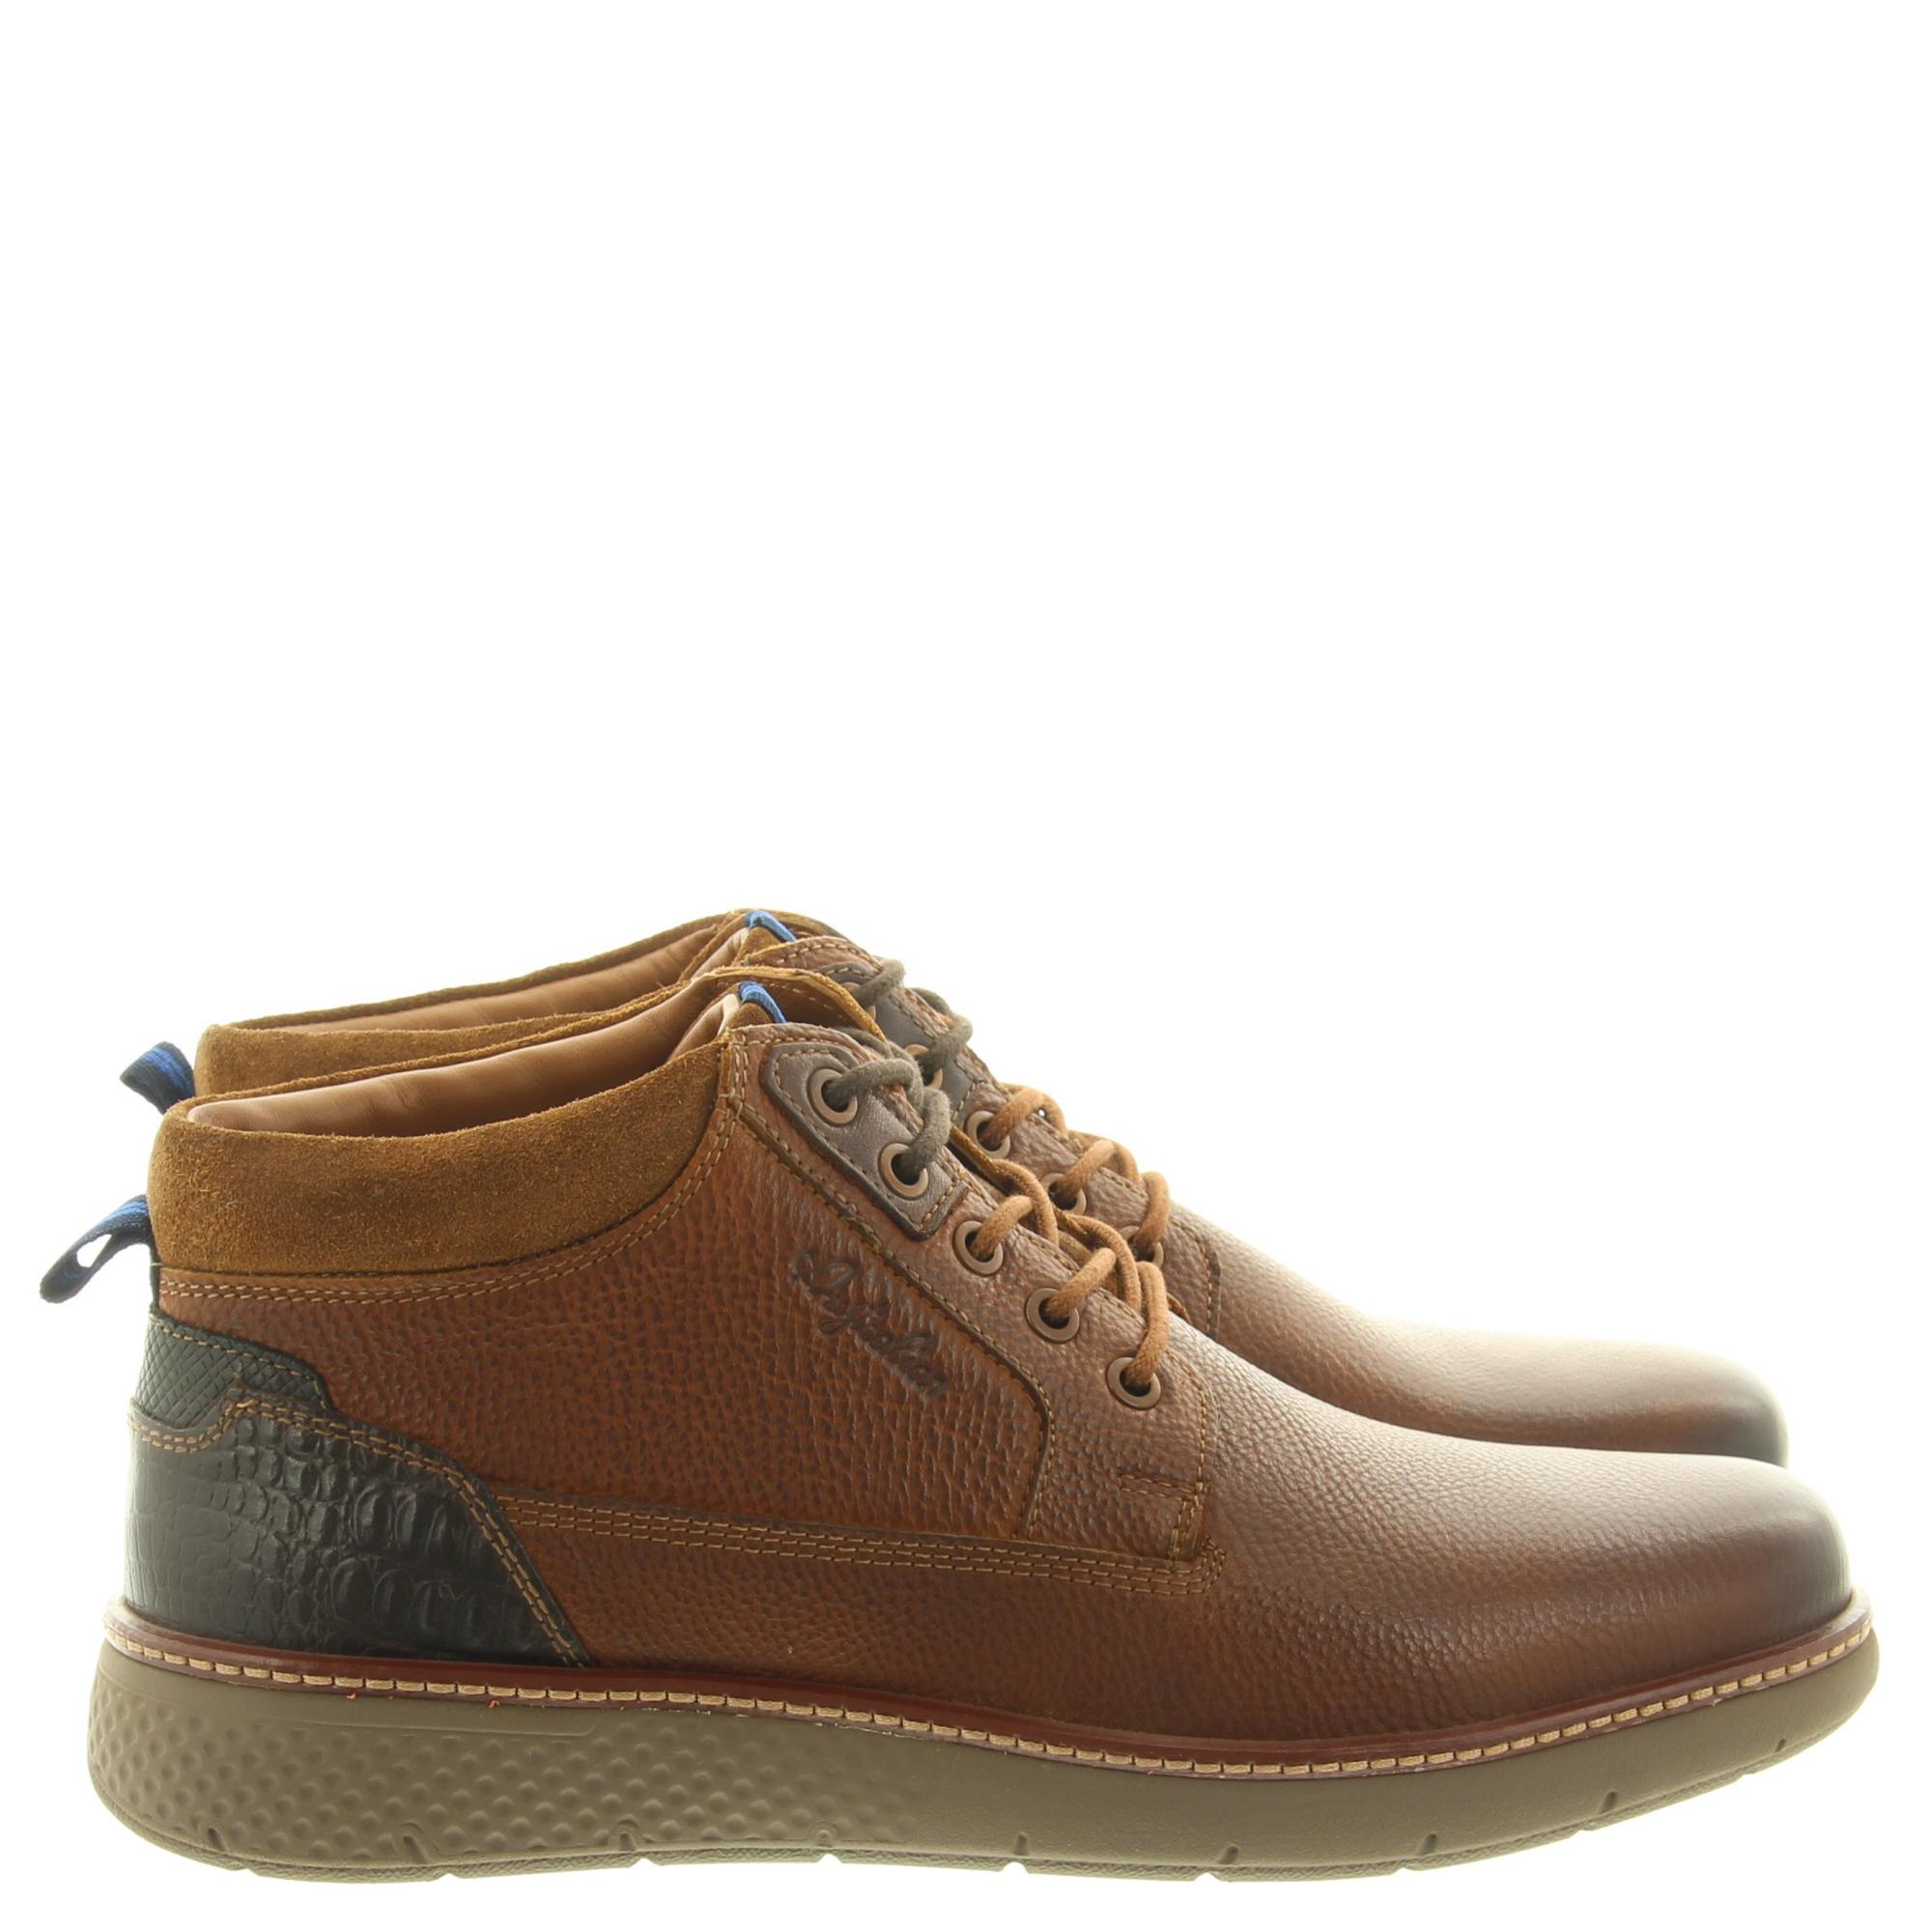 Australian Footwear Dexter 15.1552.01 DJA Cognac Combi